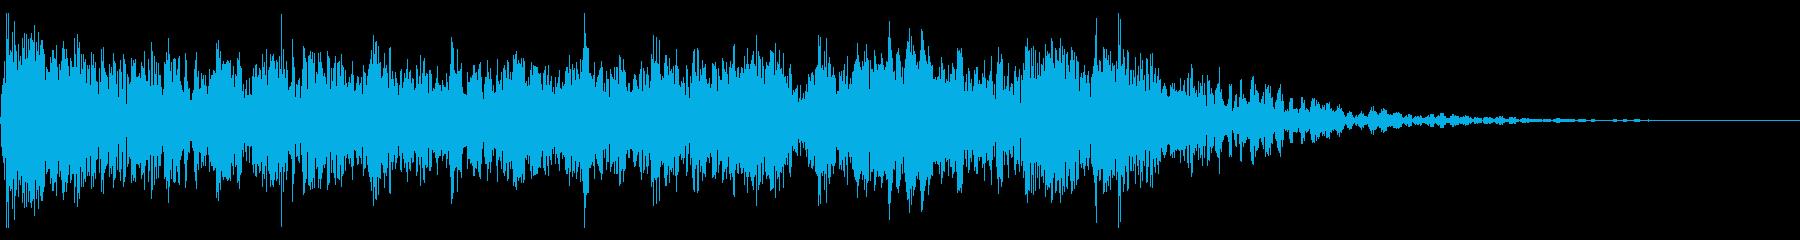 YouTube尺八による和風ジングル03の再生済みの波形